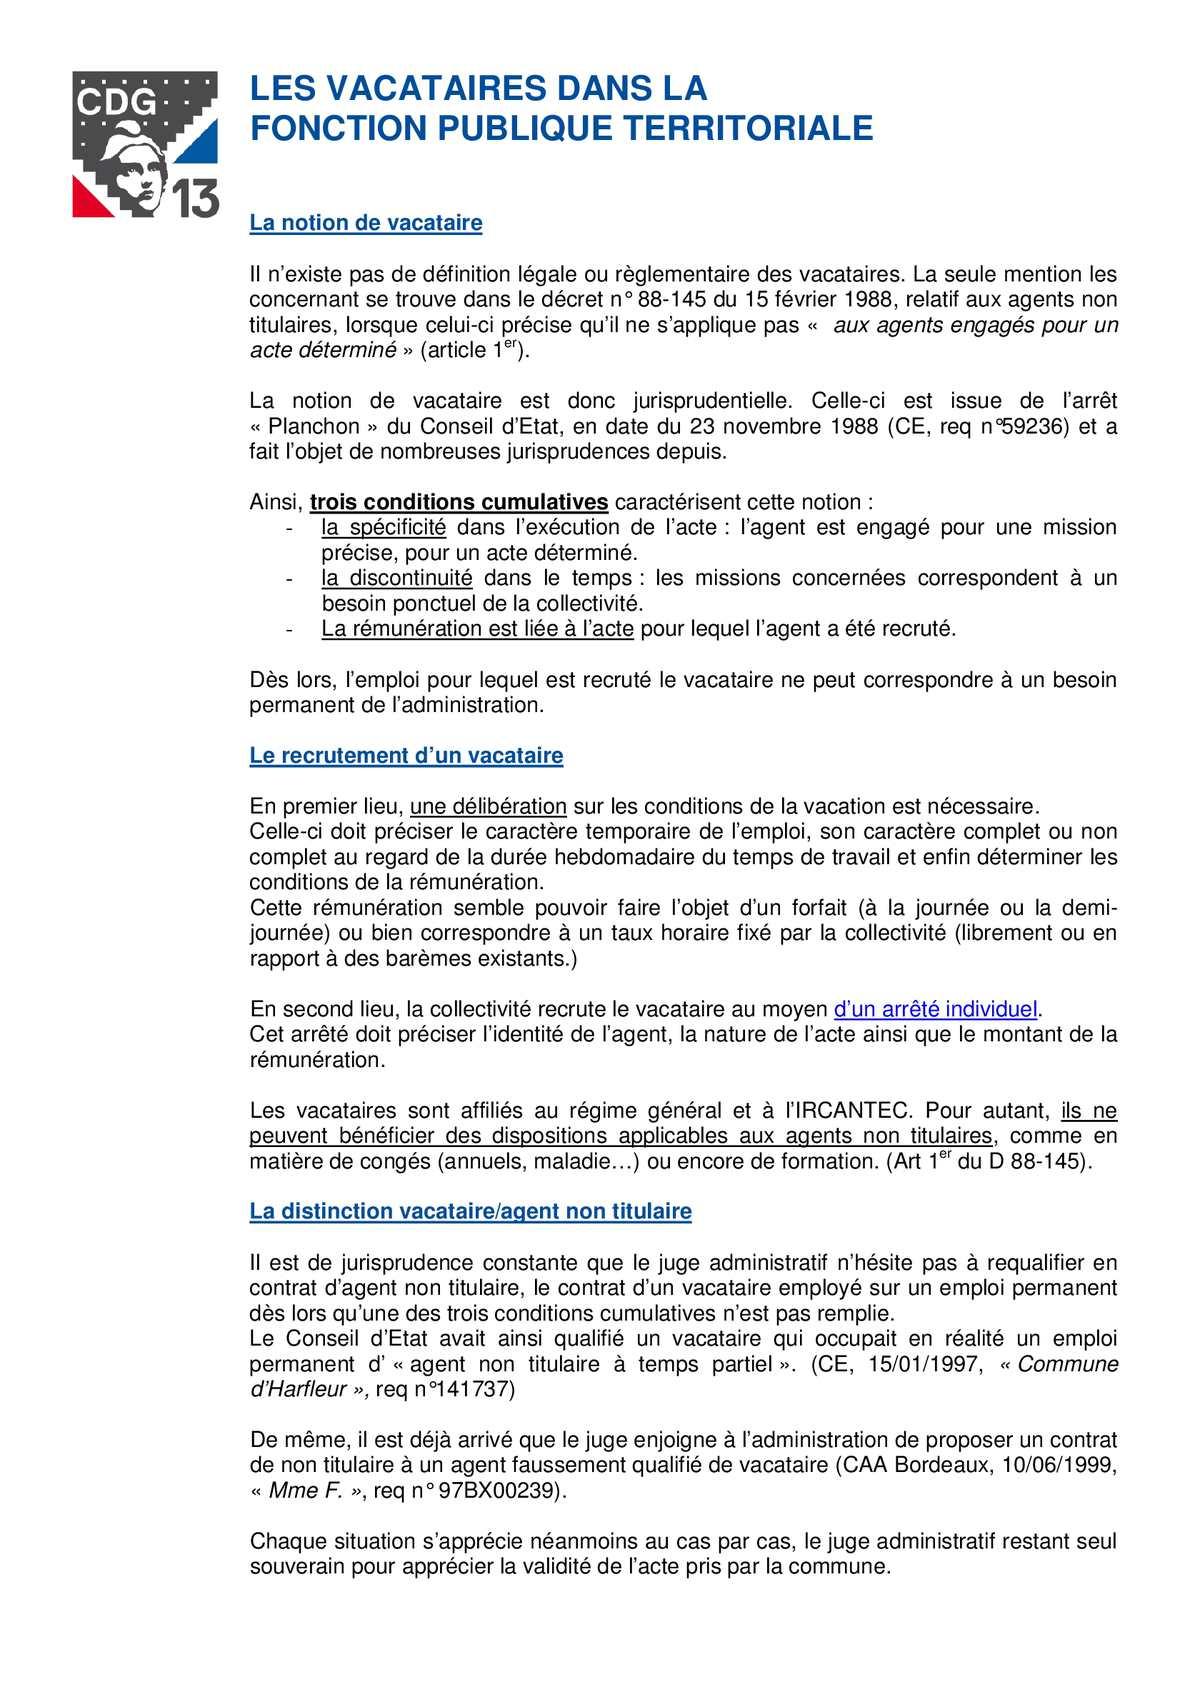 Calam o gayraud dominique vacataires fonction publique - Grille d avancement fonction publique territoriale ...